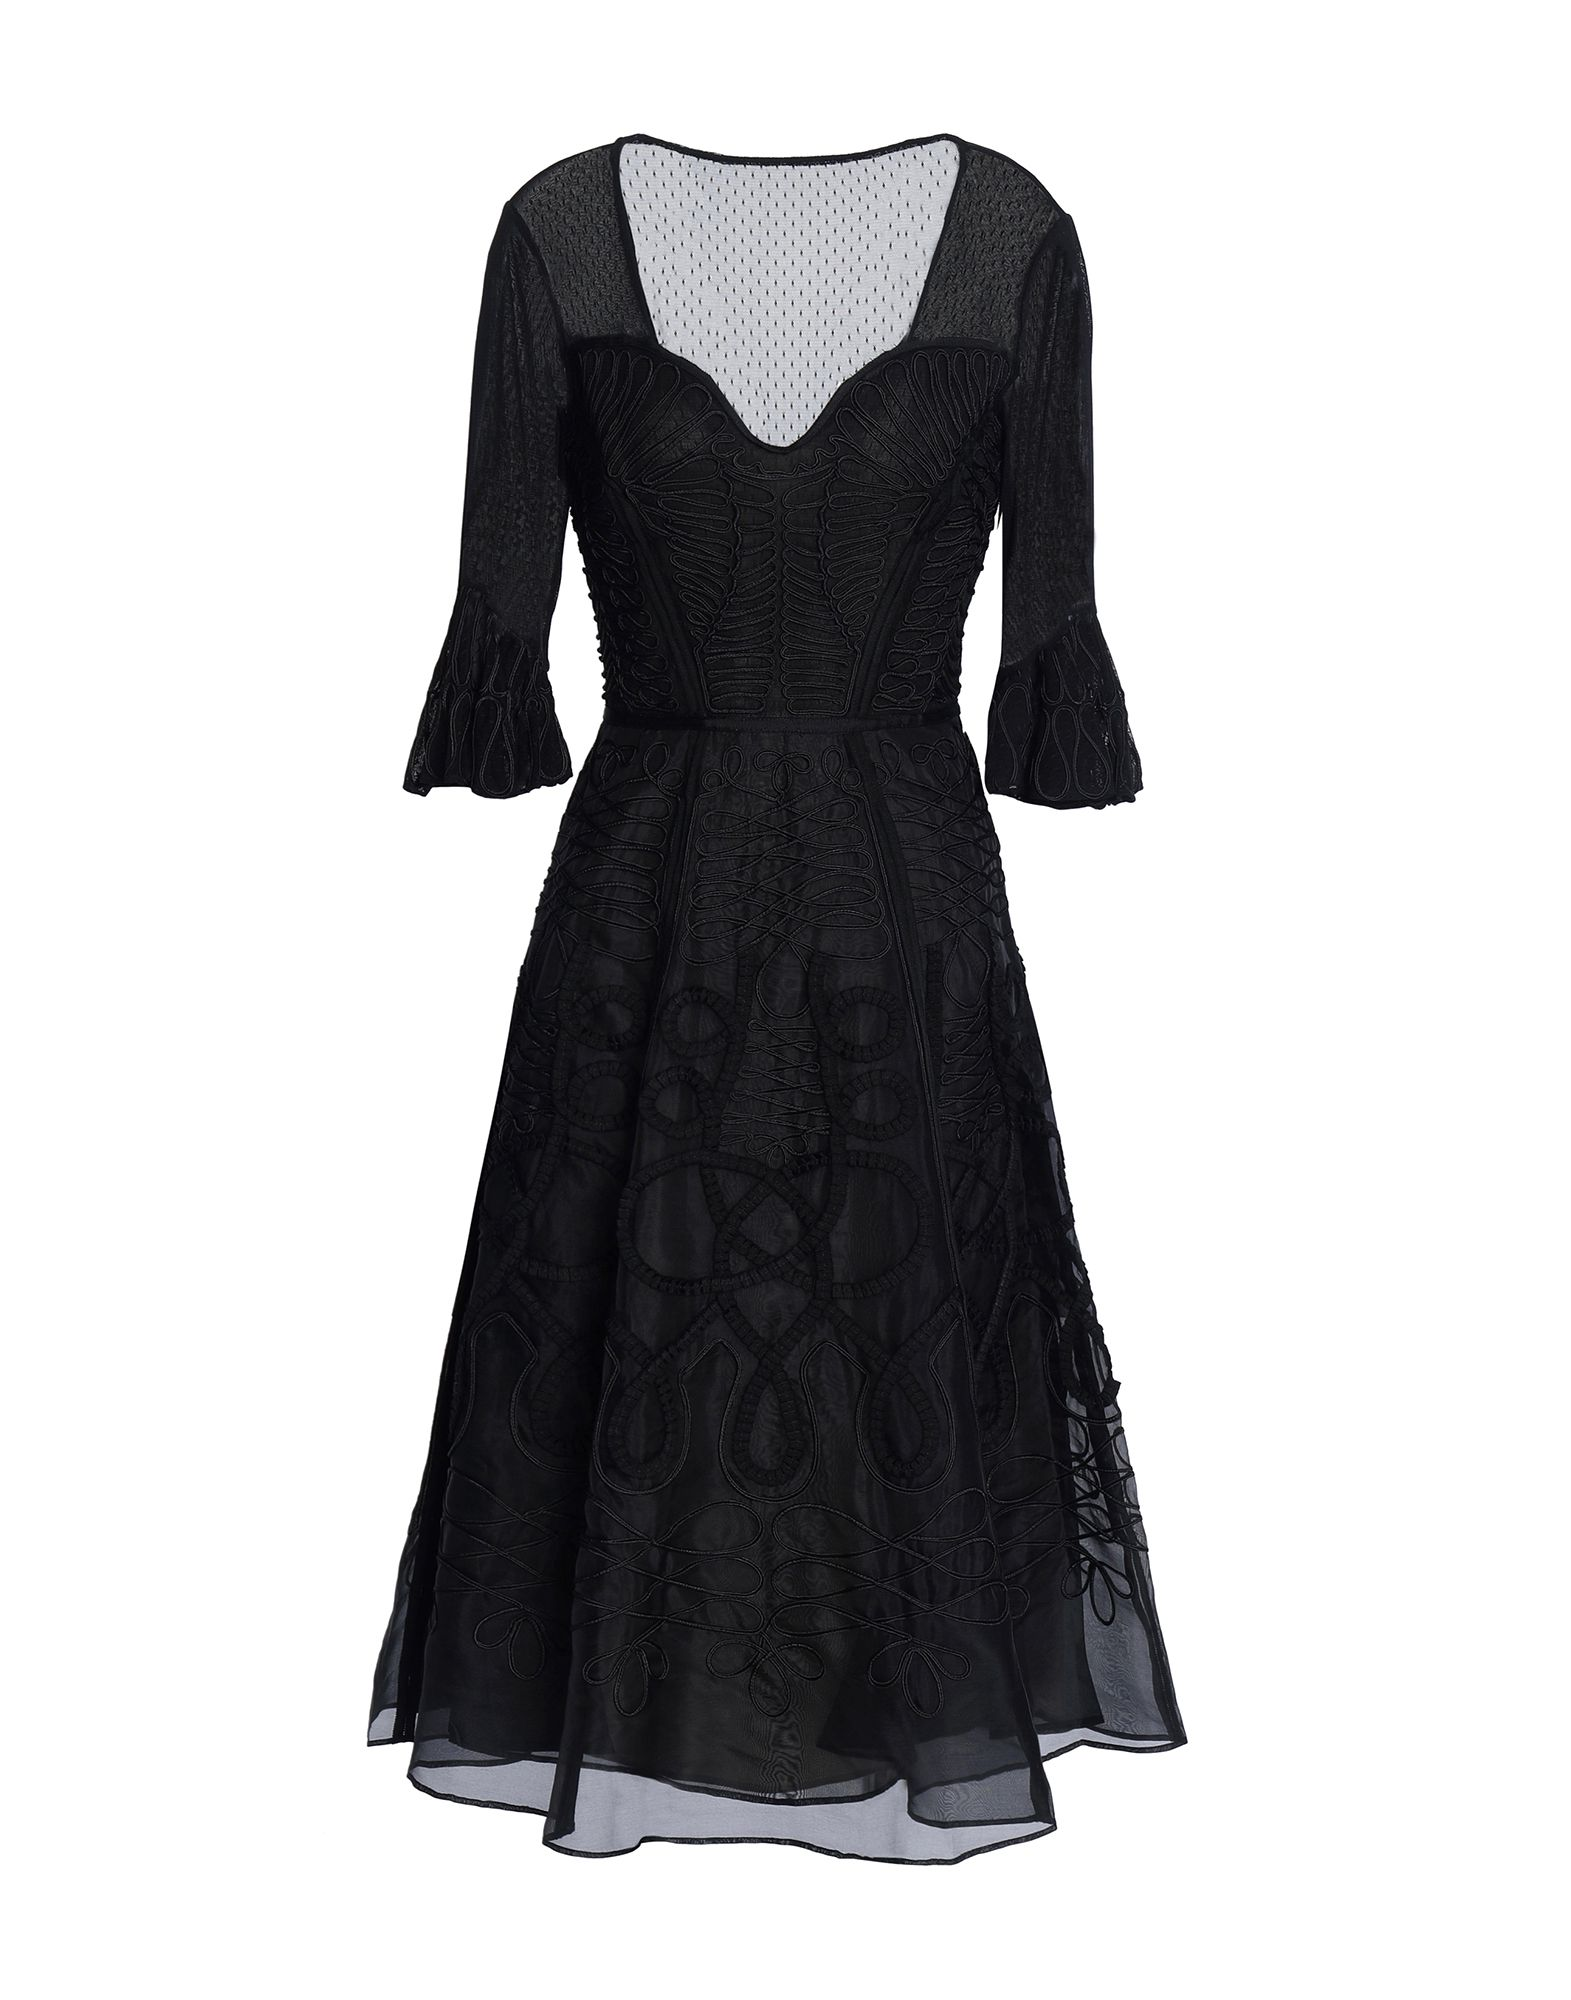 TEMPERLEY LONDON Платье длиной 3/4 little mistress london платье длиной 3 4